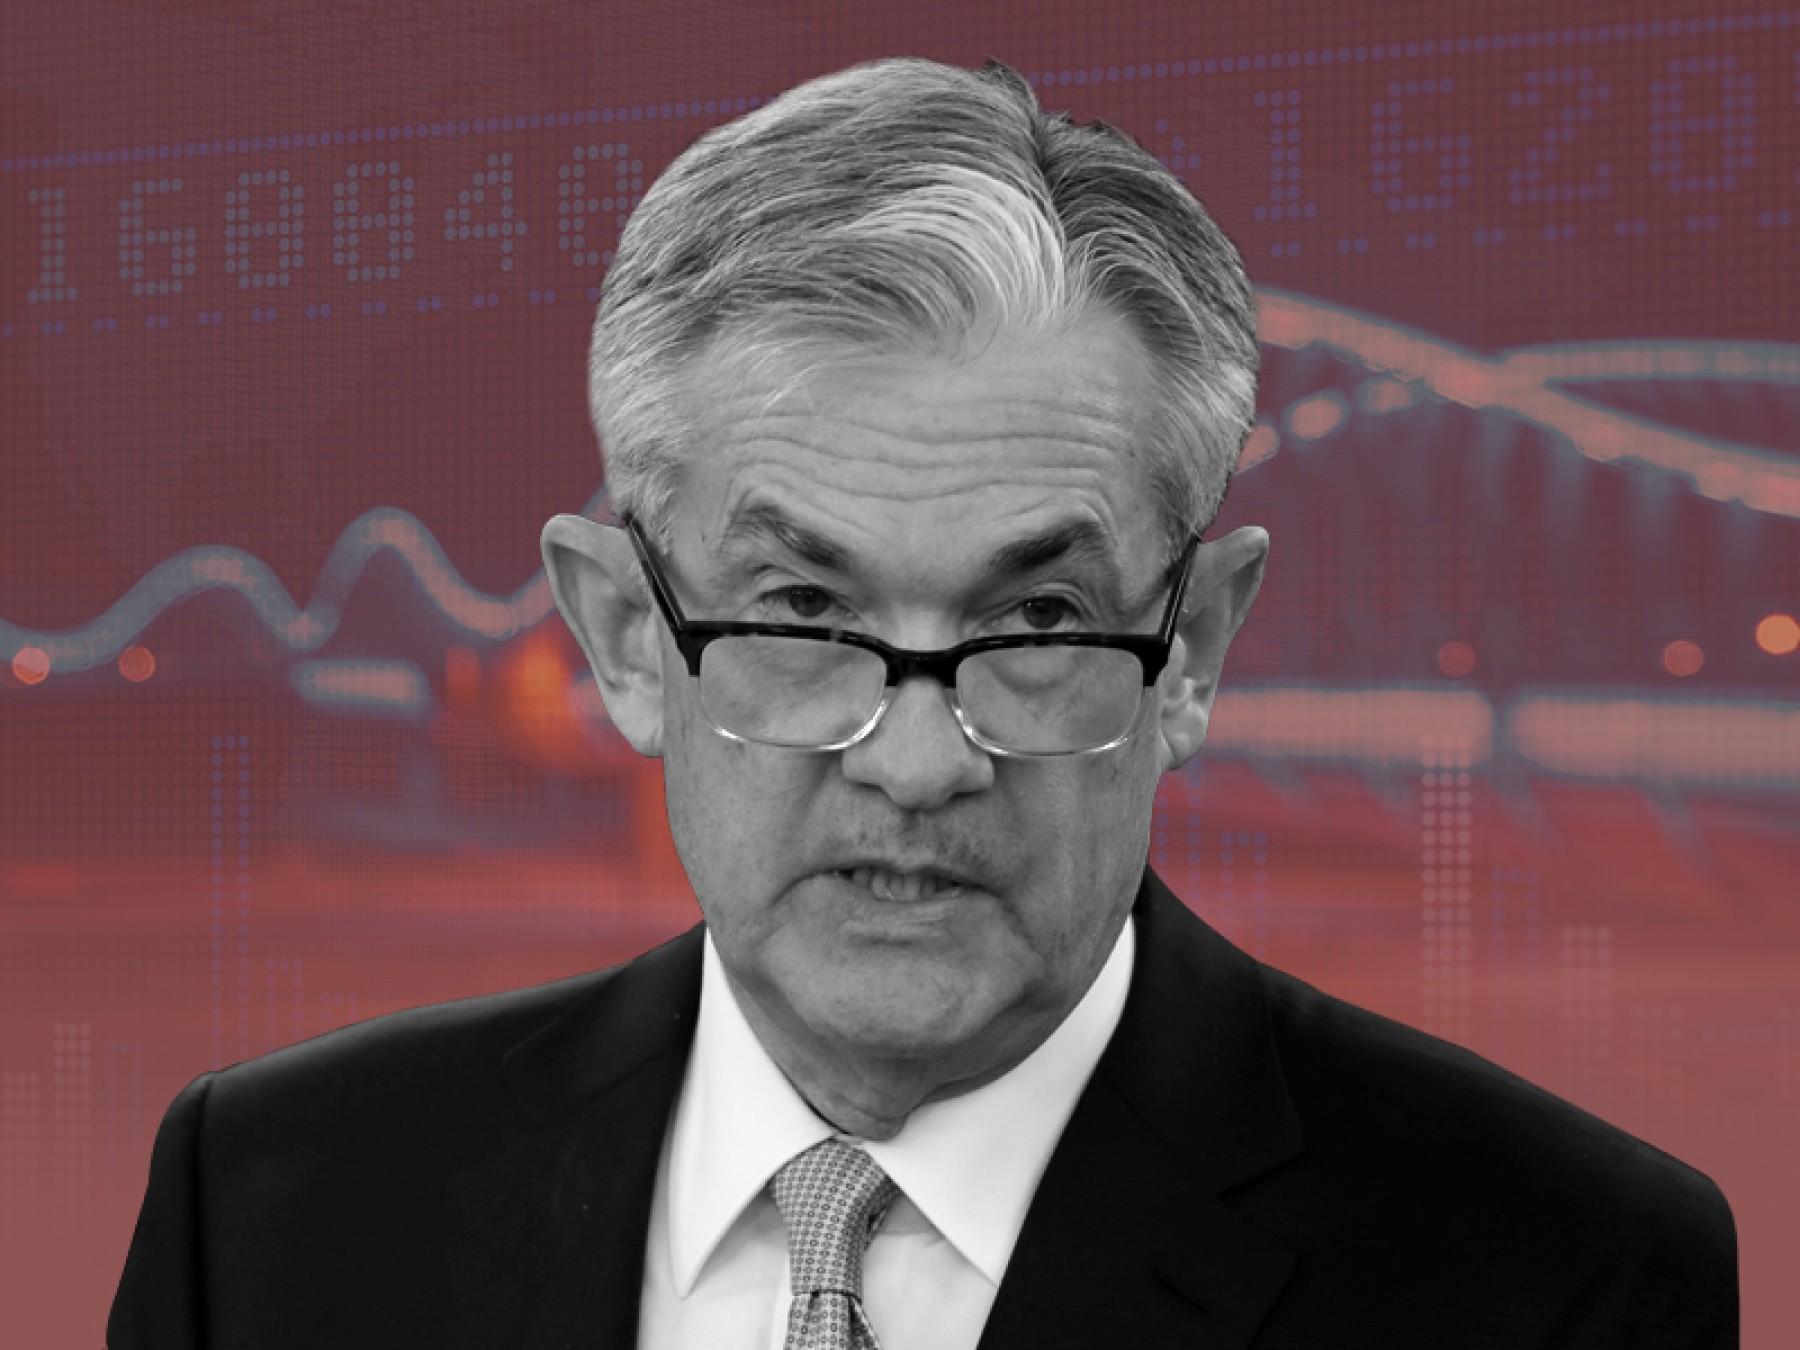 El PIB de Estados Unidos caerá 6.5% este año, advierte la Fed